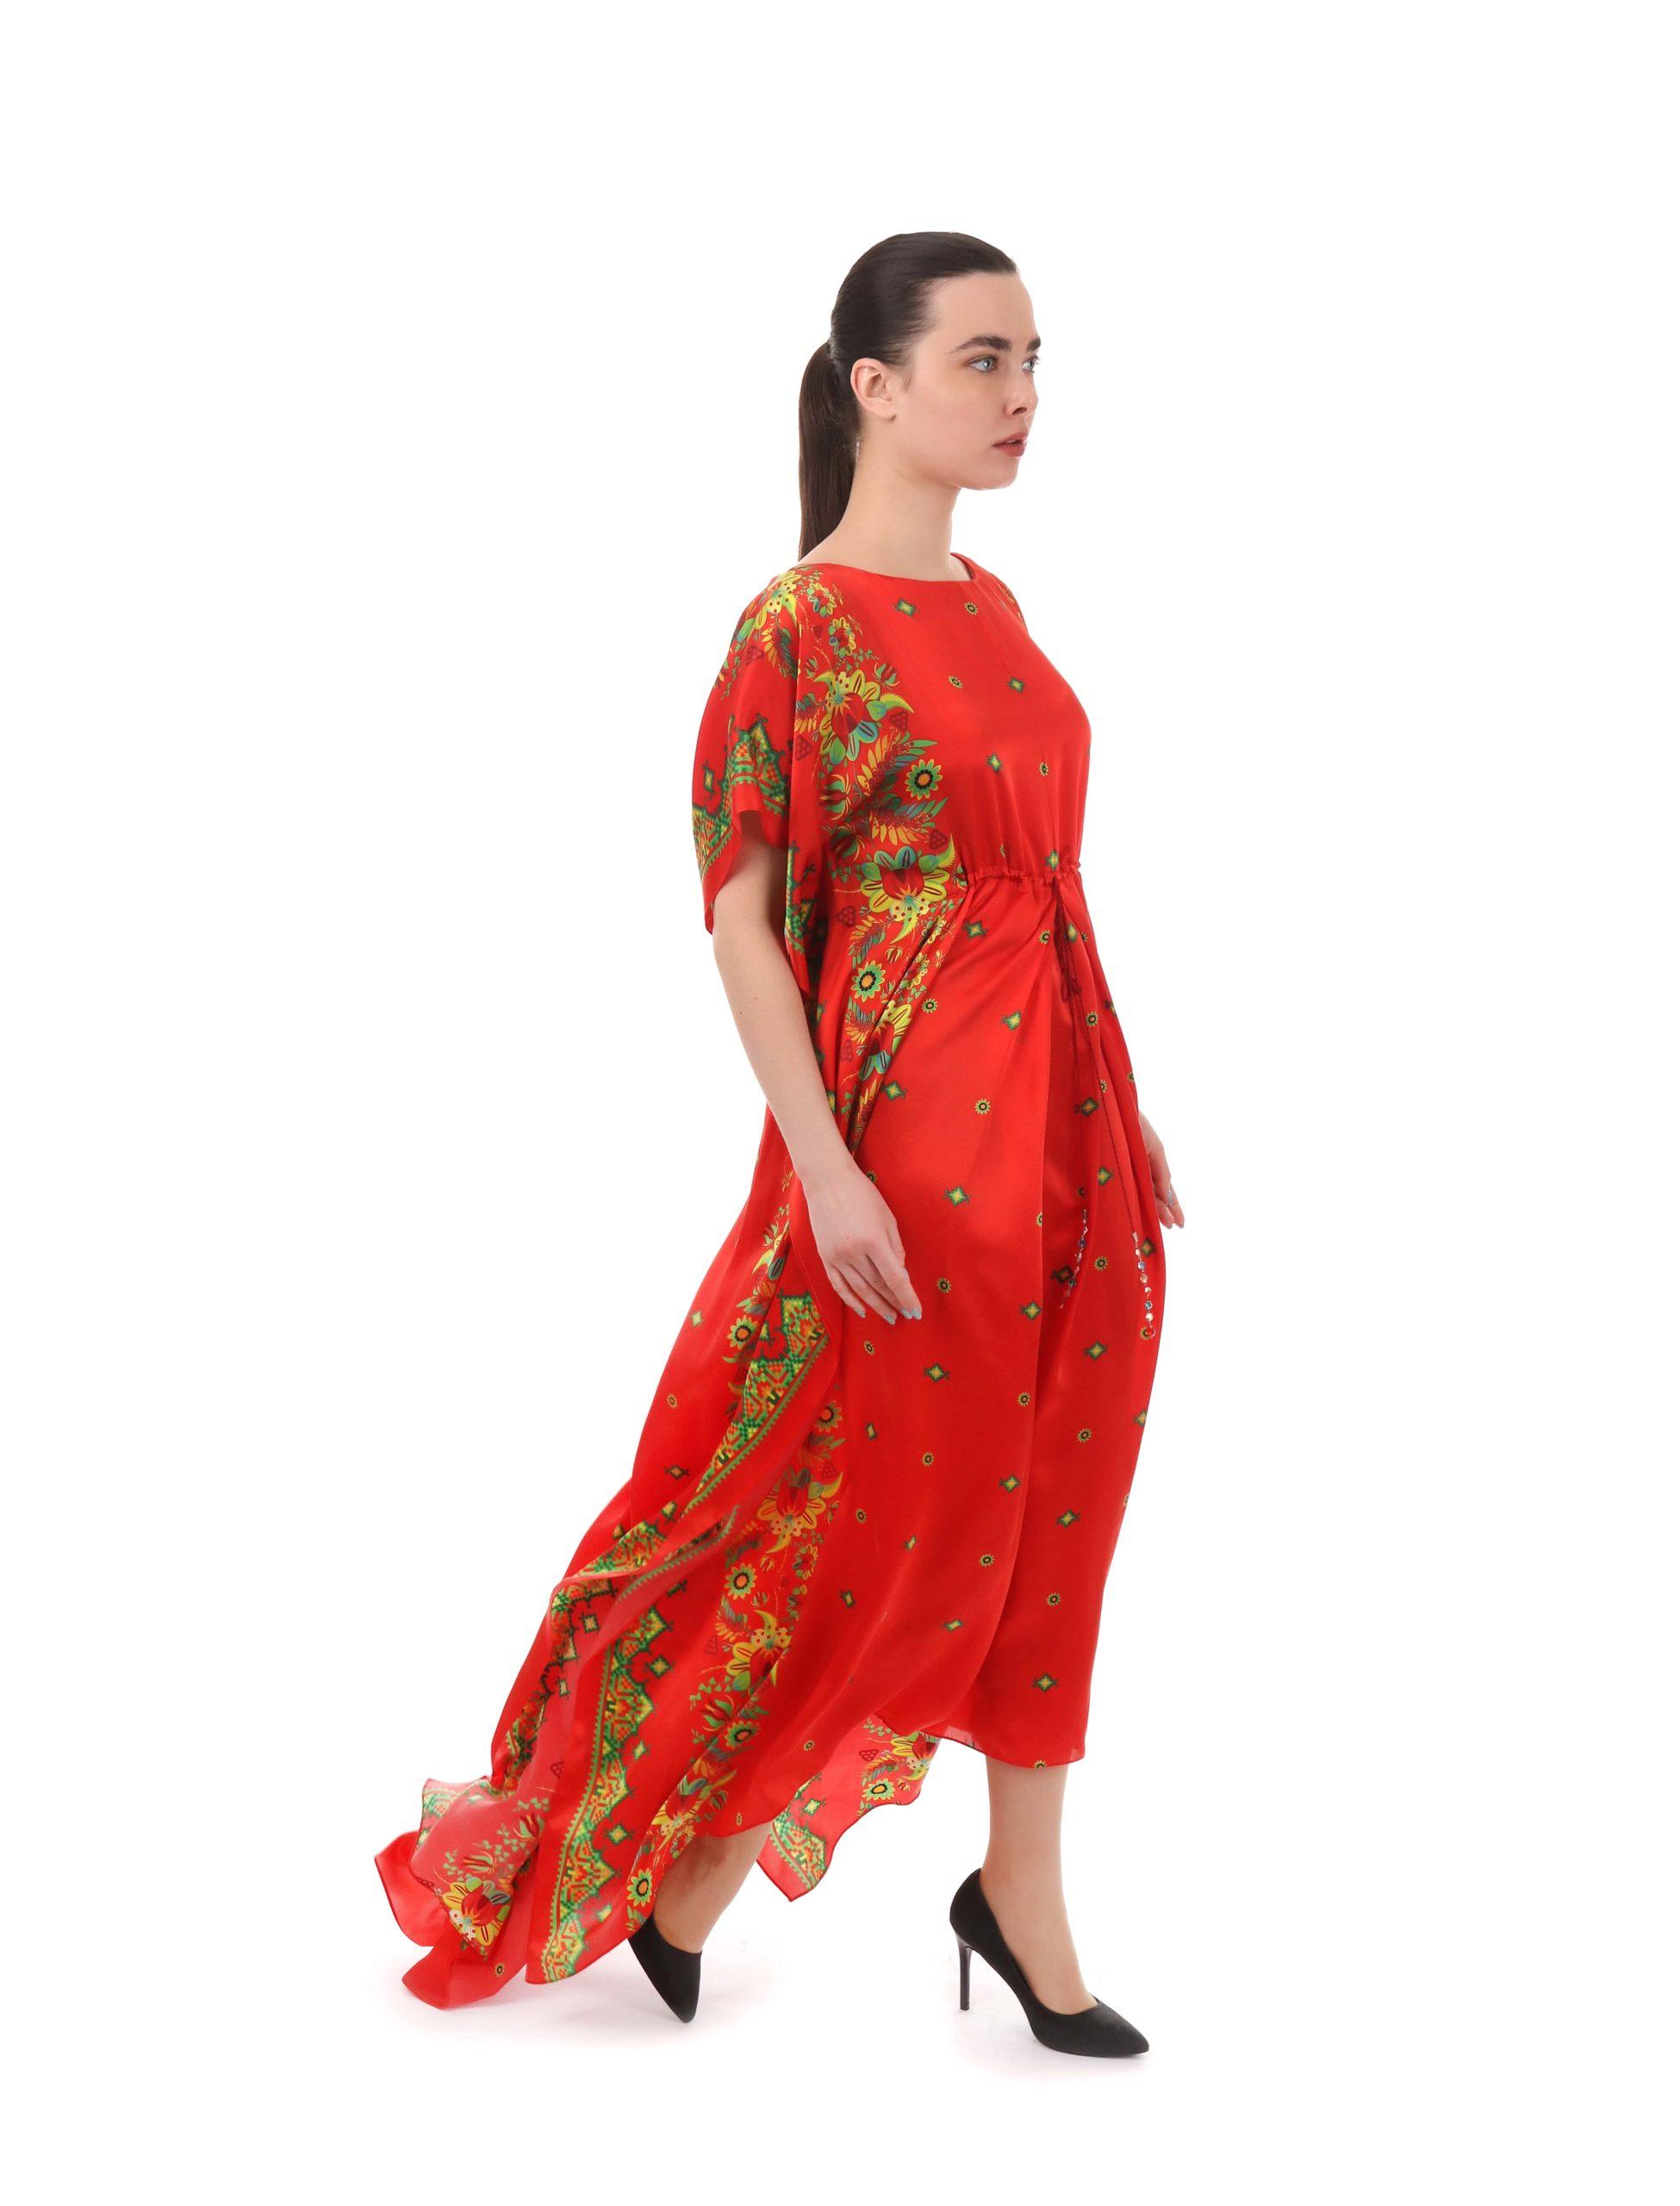 Сукня з авторським принтом «Петриківка»